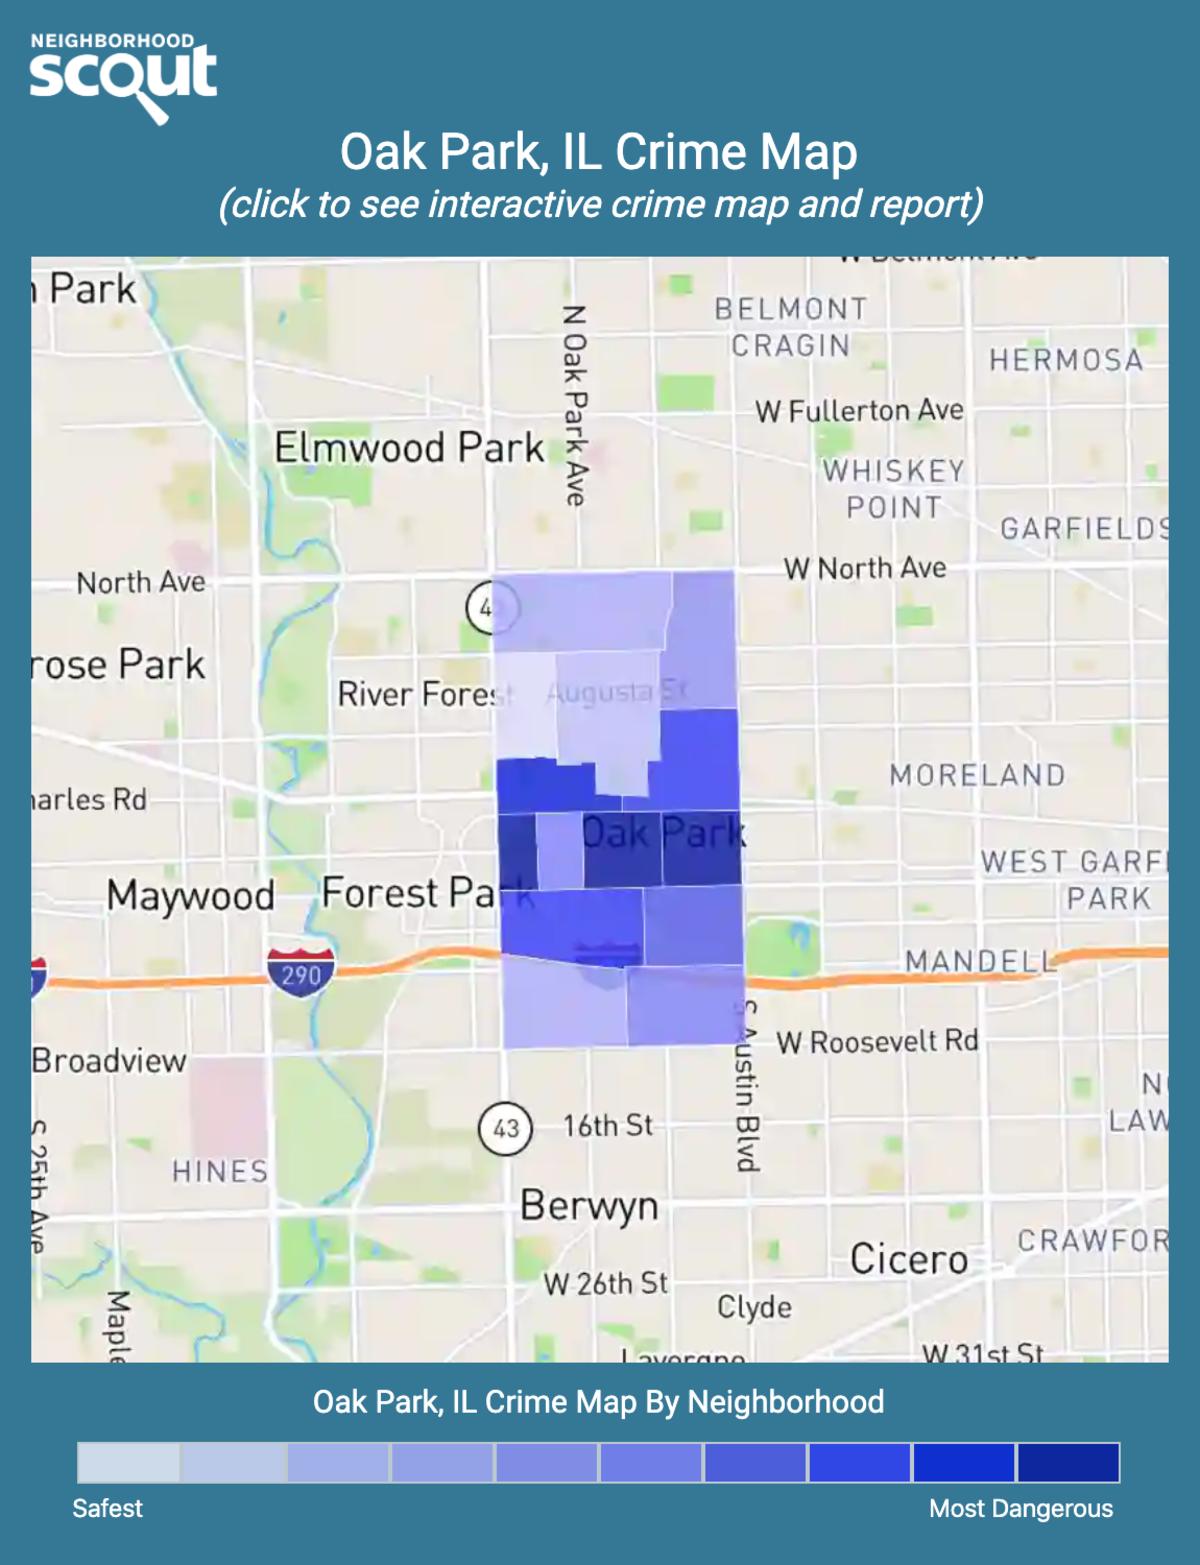 Oak Park, Illinois crime map